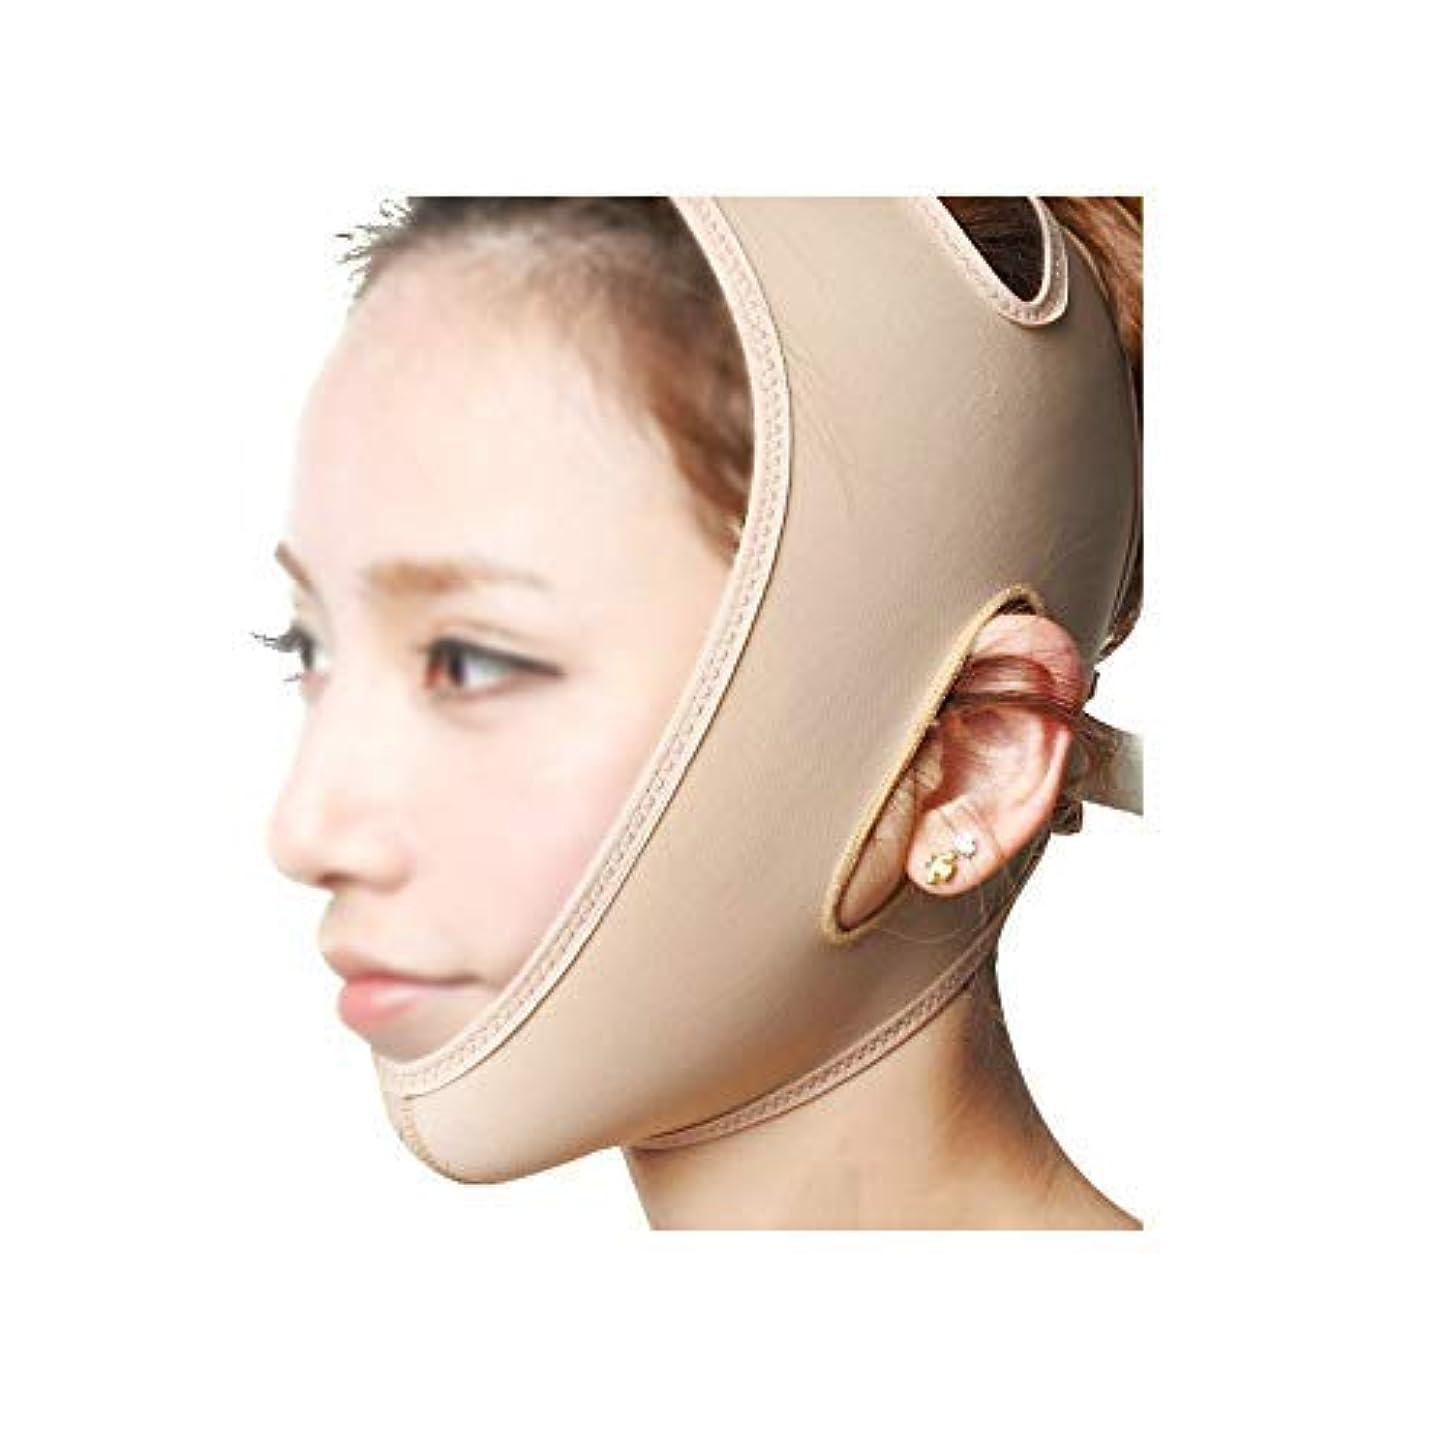 自動的にエジプト精神フェイスリフティングバンデージVフェイスインストゥルメントフェイスマスクアーティファクトフェイスリフティングファーミングフェイシャルマッサージ通気性肌のトーン(サイズ:M)